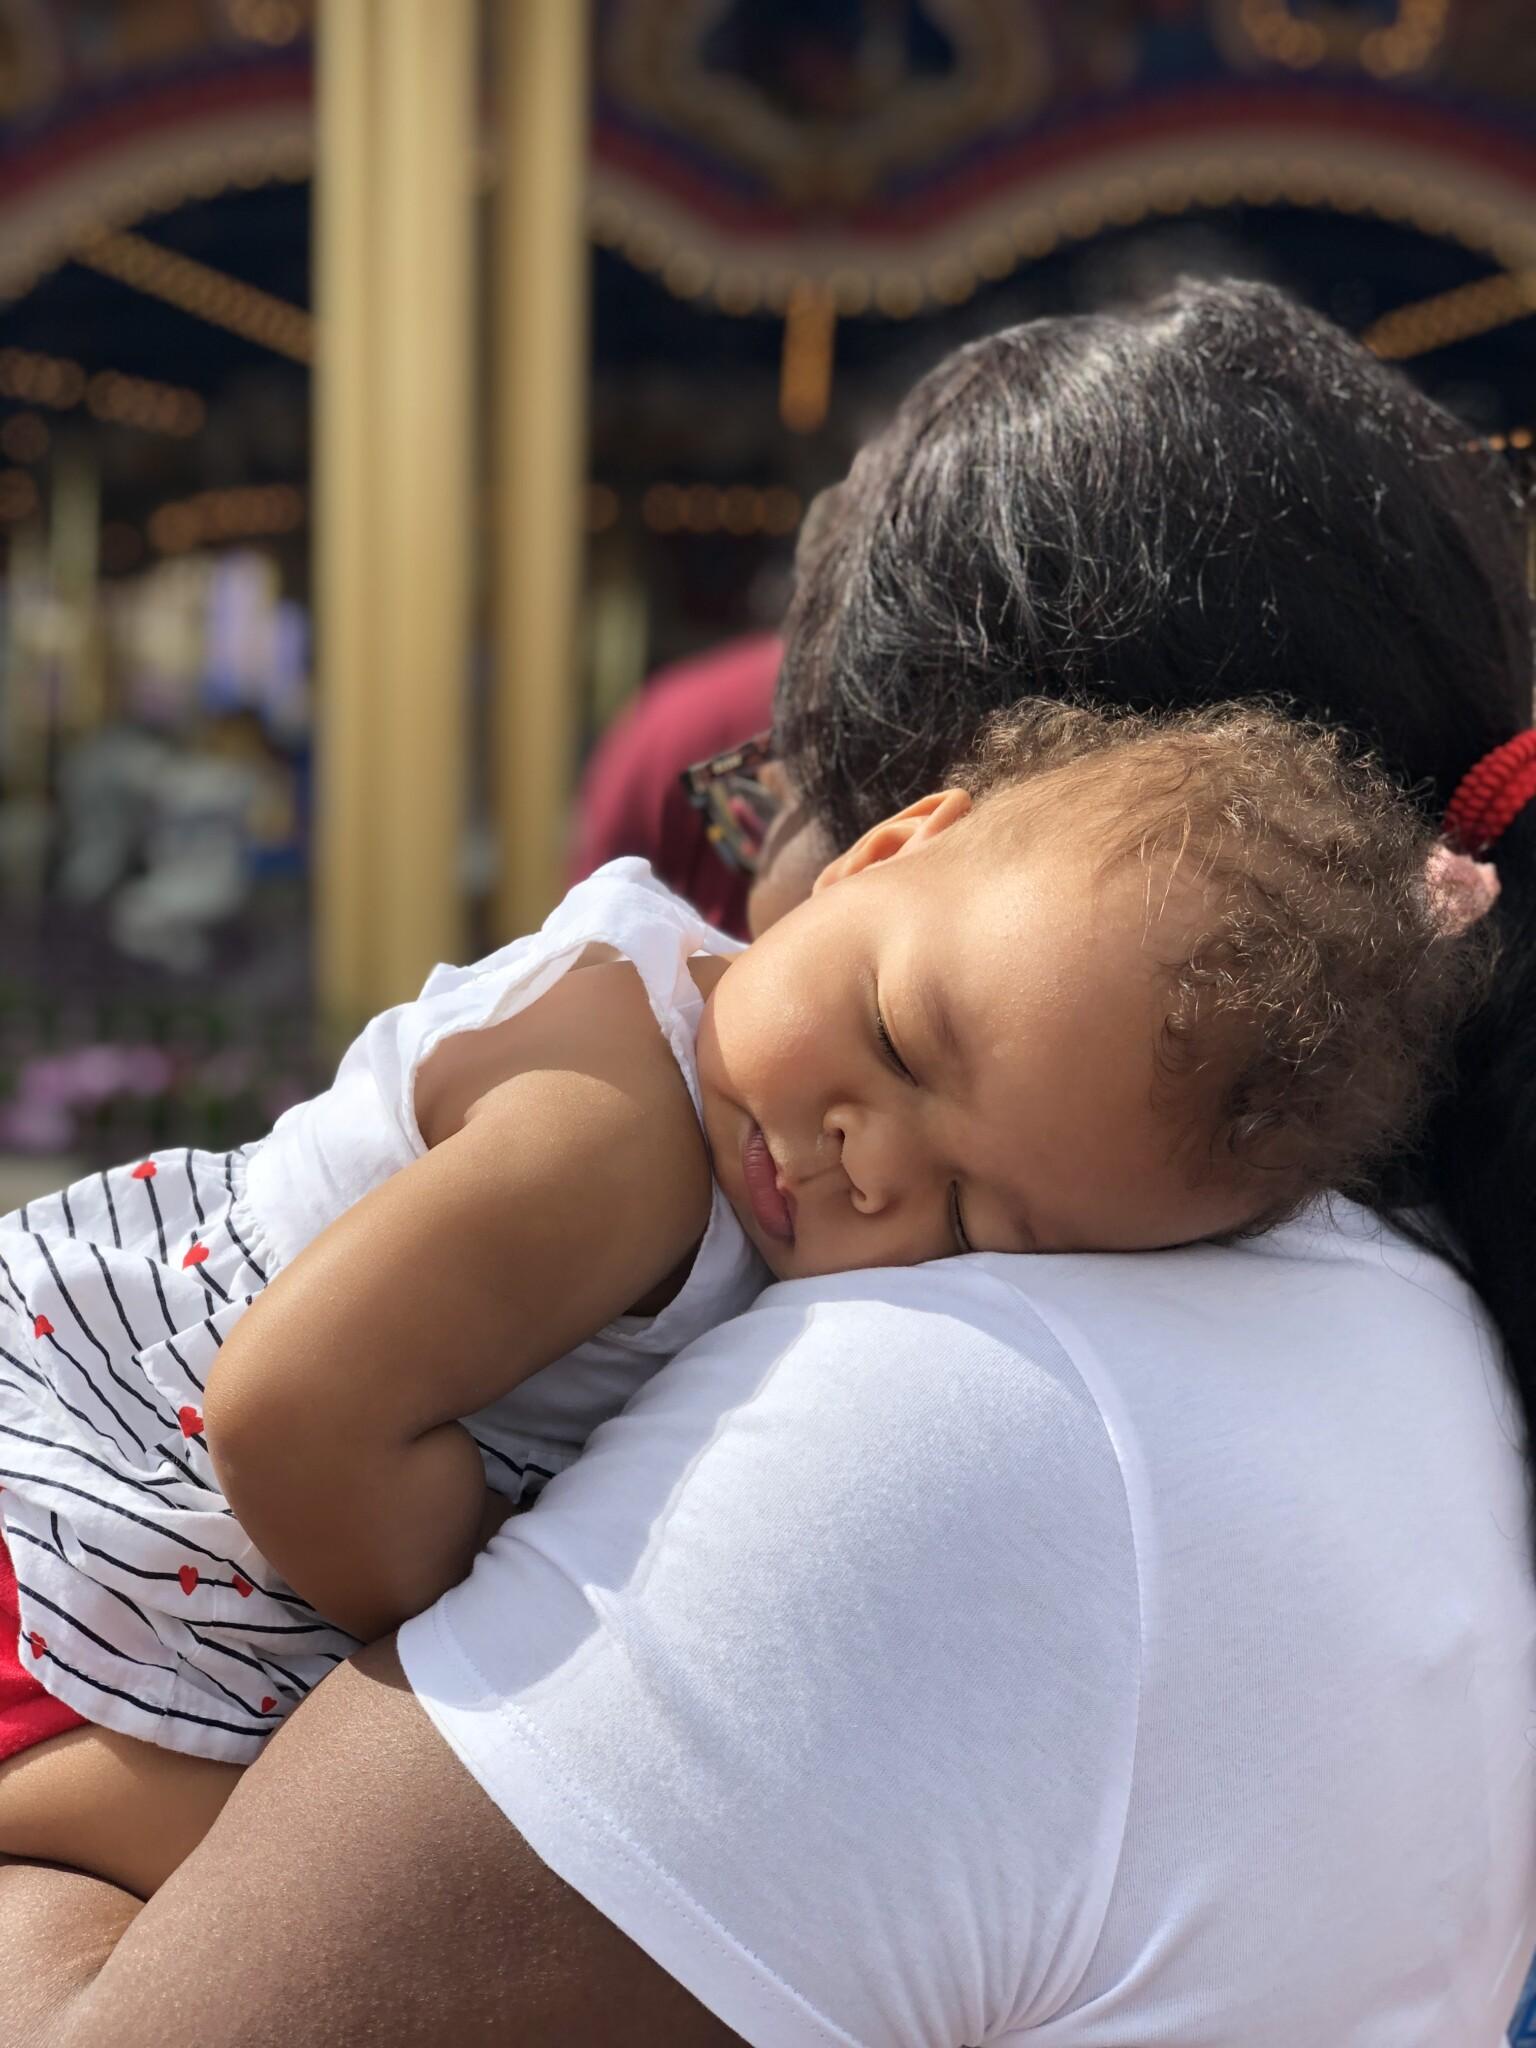 2 semaines en Floride avec un bébé de 1 an - Séjour du 2 au 16 mai 2019 DCL + WDW - Page 15 IMG_0943-1536x2048